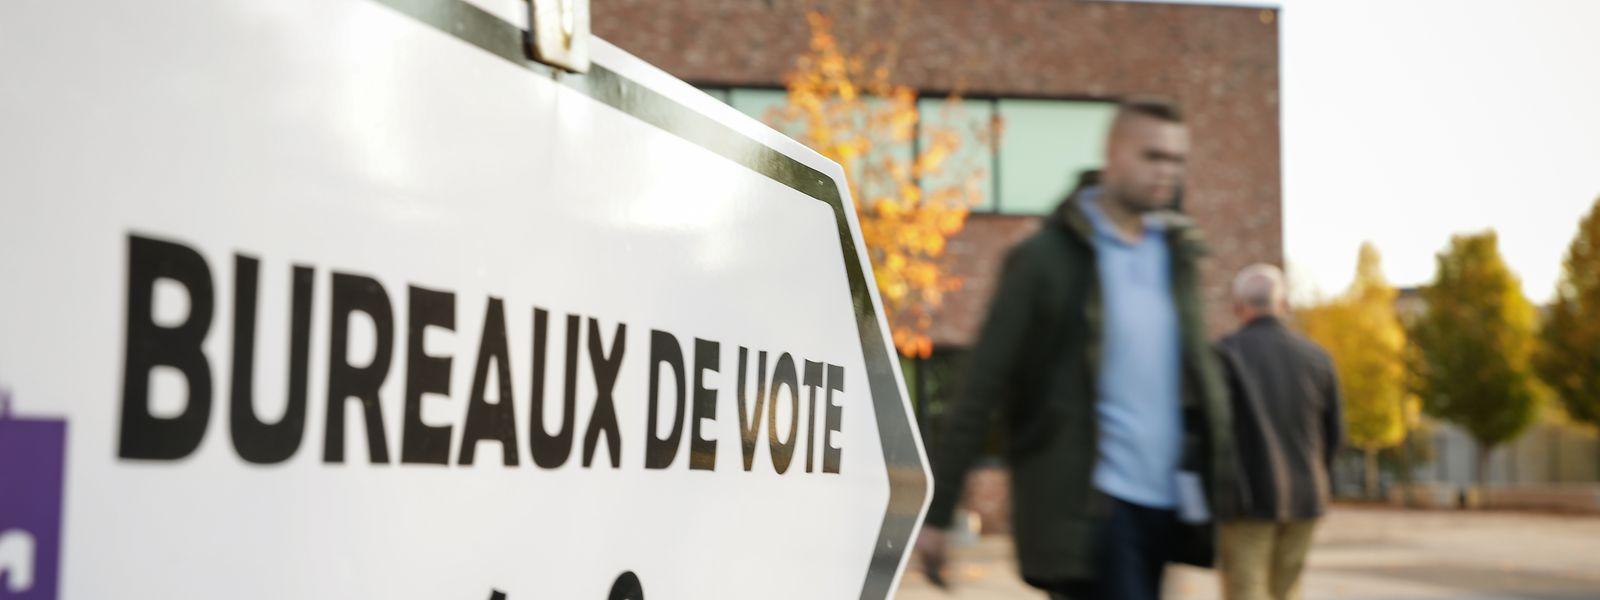 Die Erstwähler wendeten sich bei den Wahlen im Oktober vor allem den Liberalen und den Grünen zu.